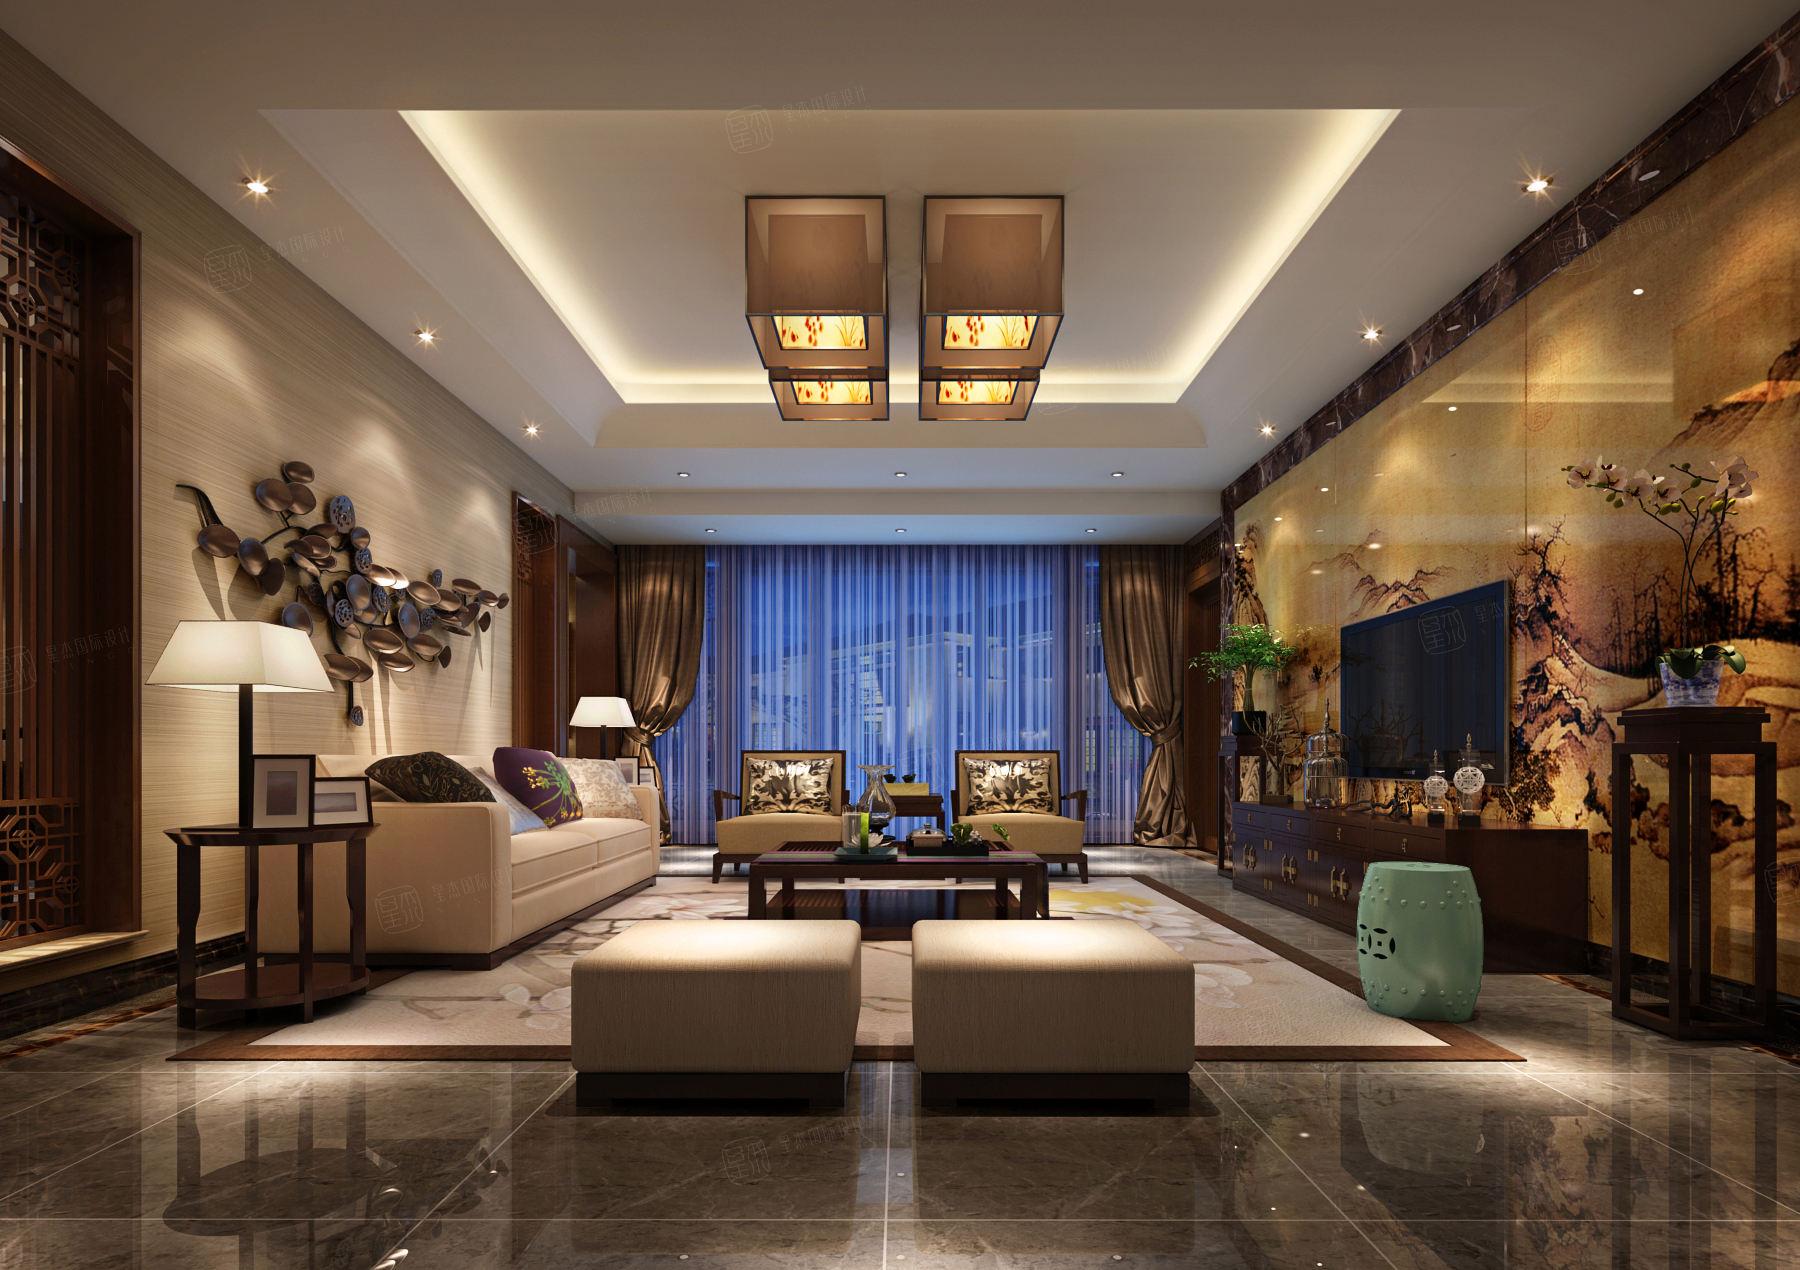 东方夏威夷 新中式装修客厅效果图